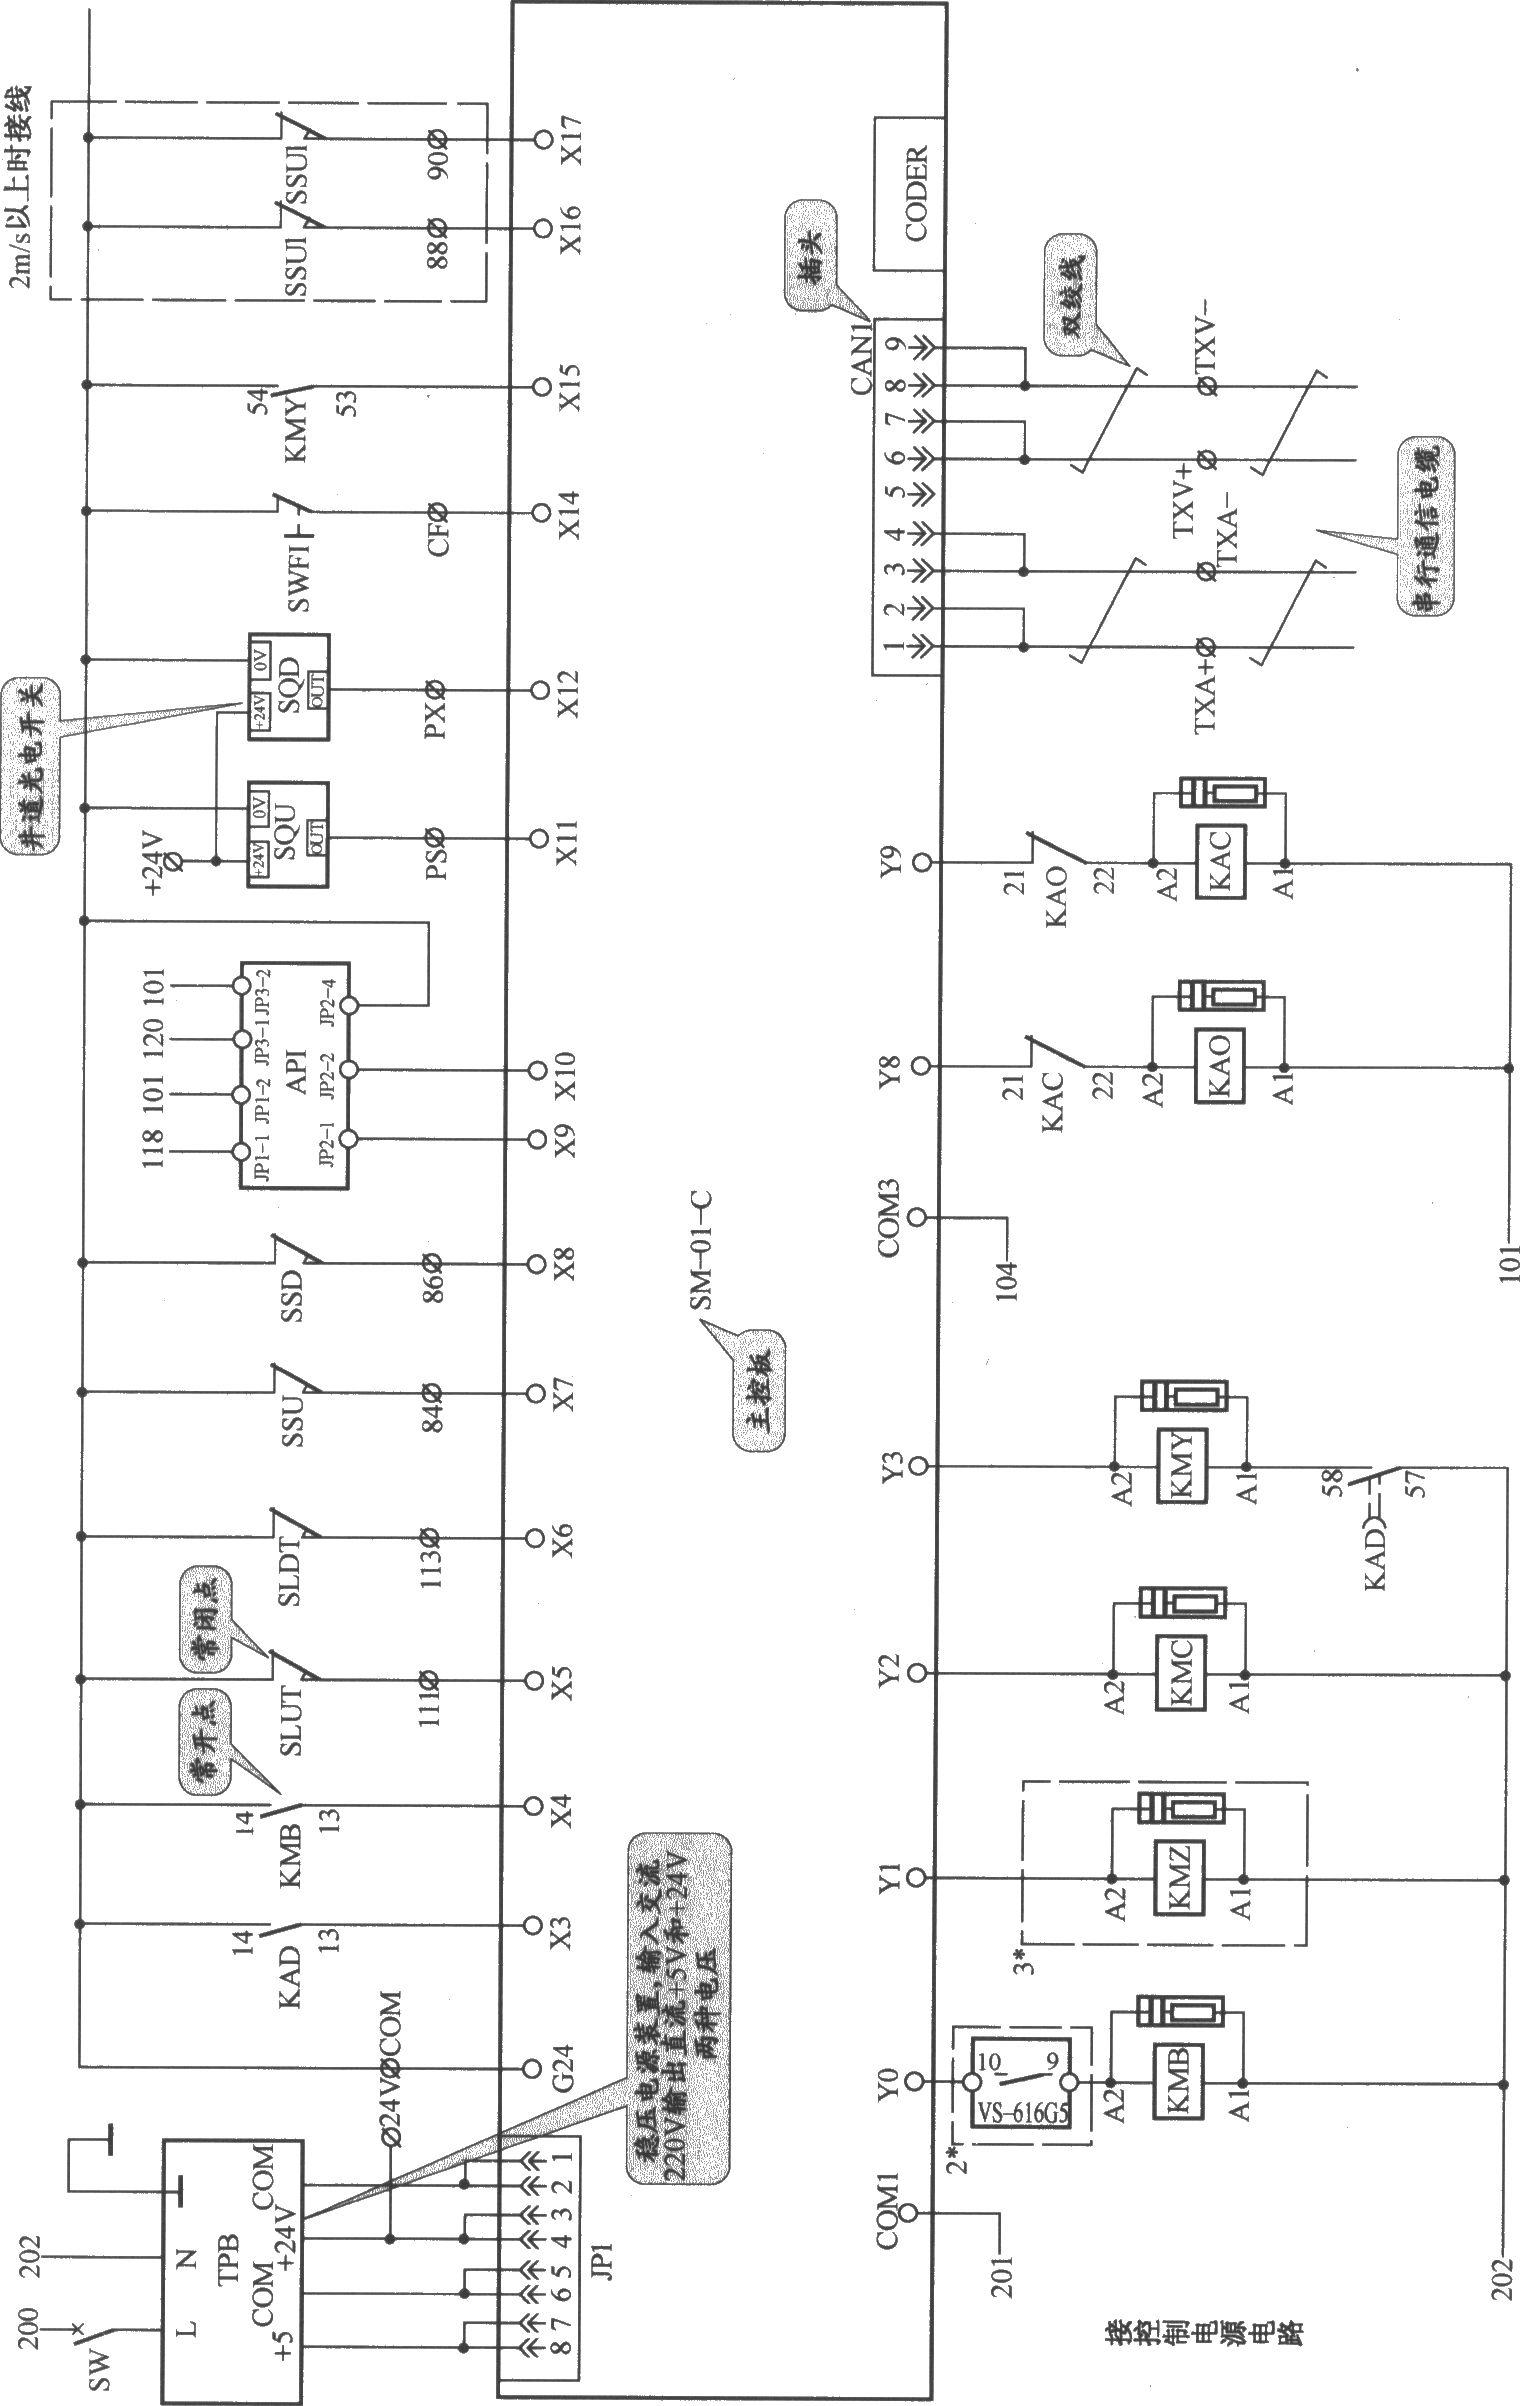 上海新时达电梯控制电路(sm-01-c 变频器)(1)